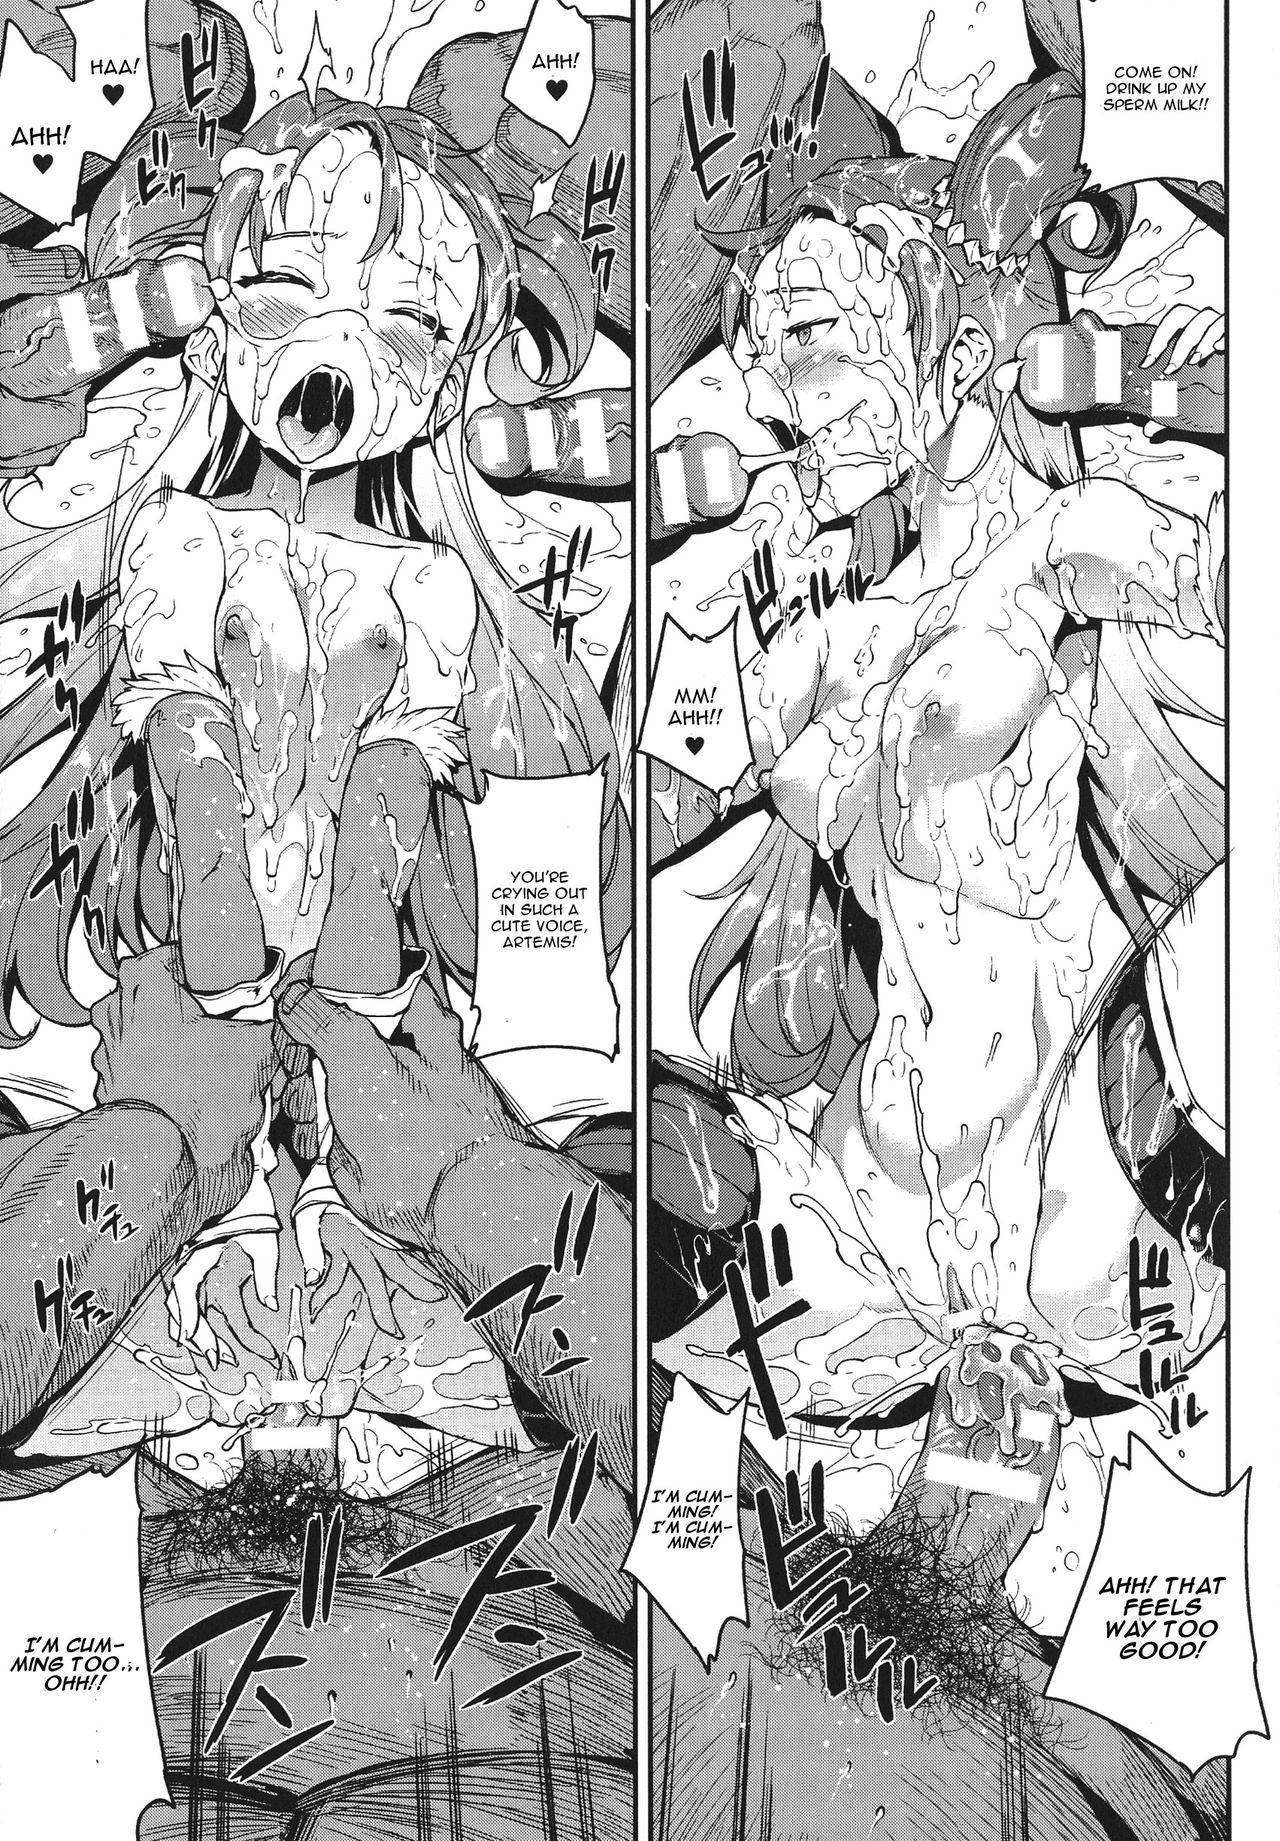 [Erect Sawaru] Raikou Shinki Igis Magia -PANDRA saga 3rd ignition- Ch. 1-7 + Medousa [English] [CGrascal] 101